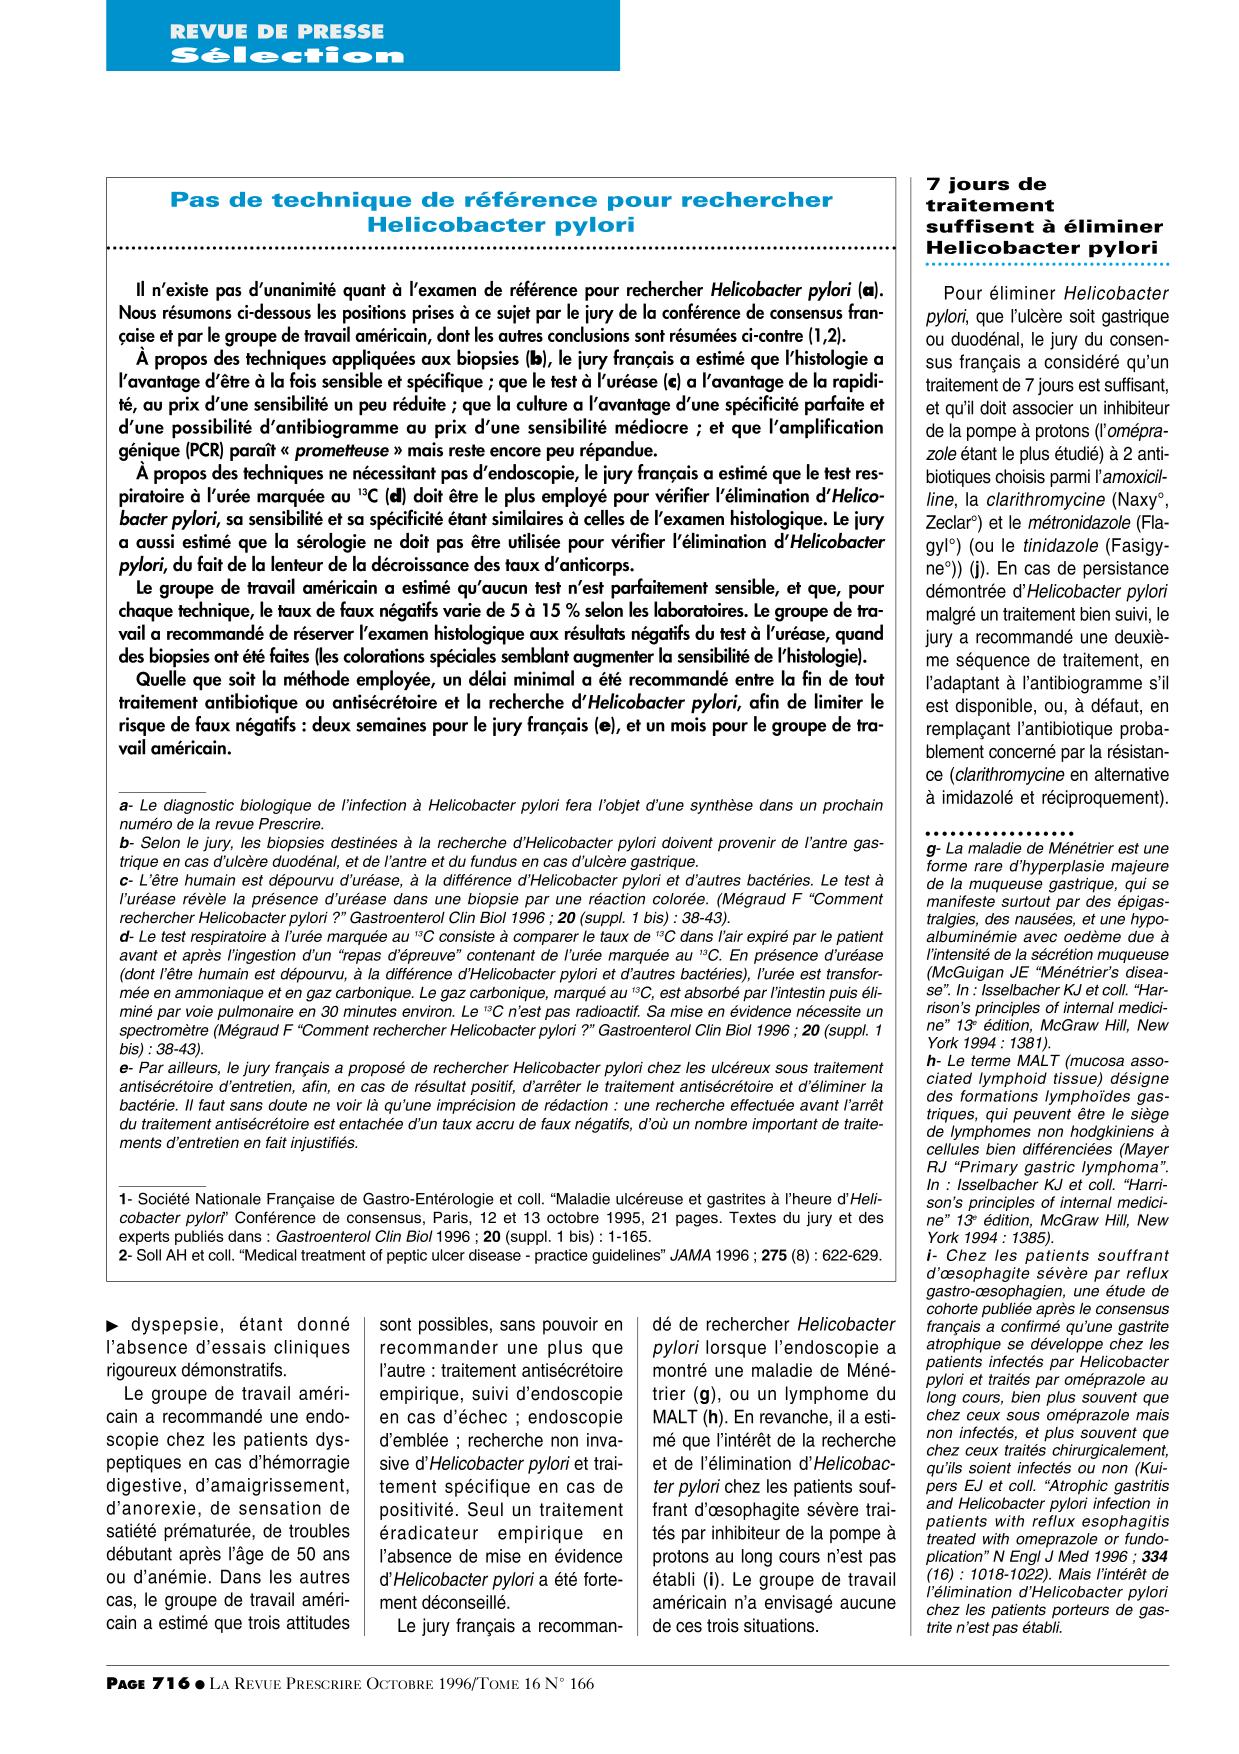 h pylori anemie oxiuri in sarcina